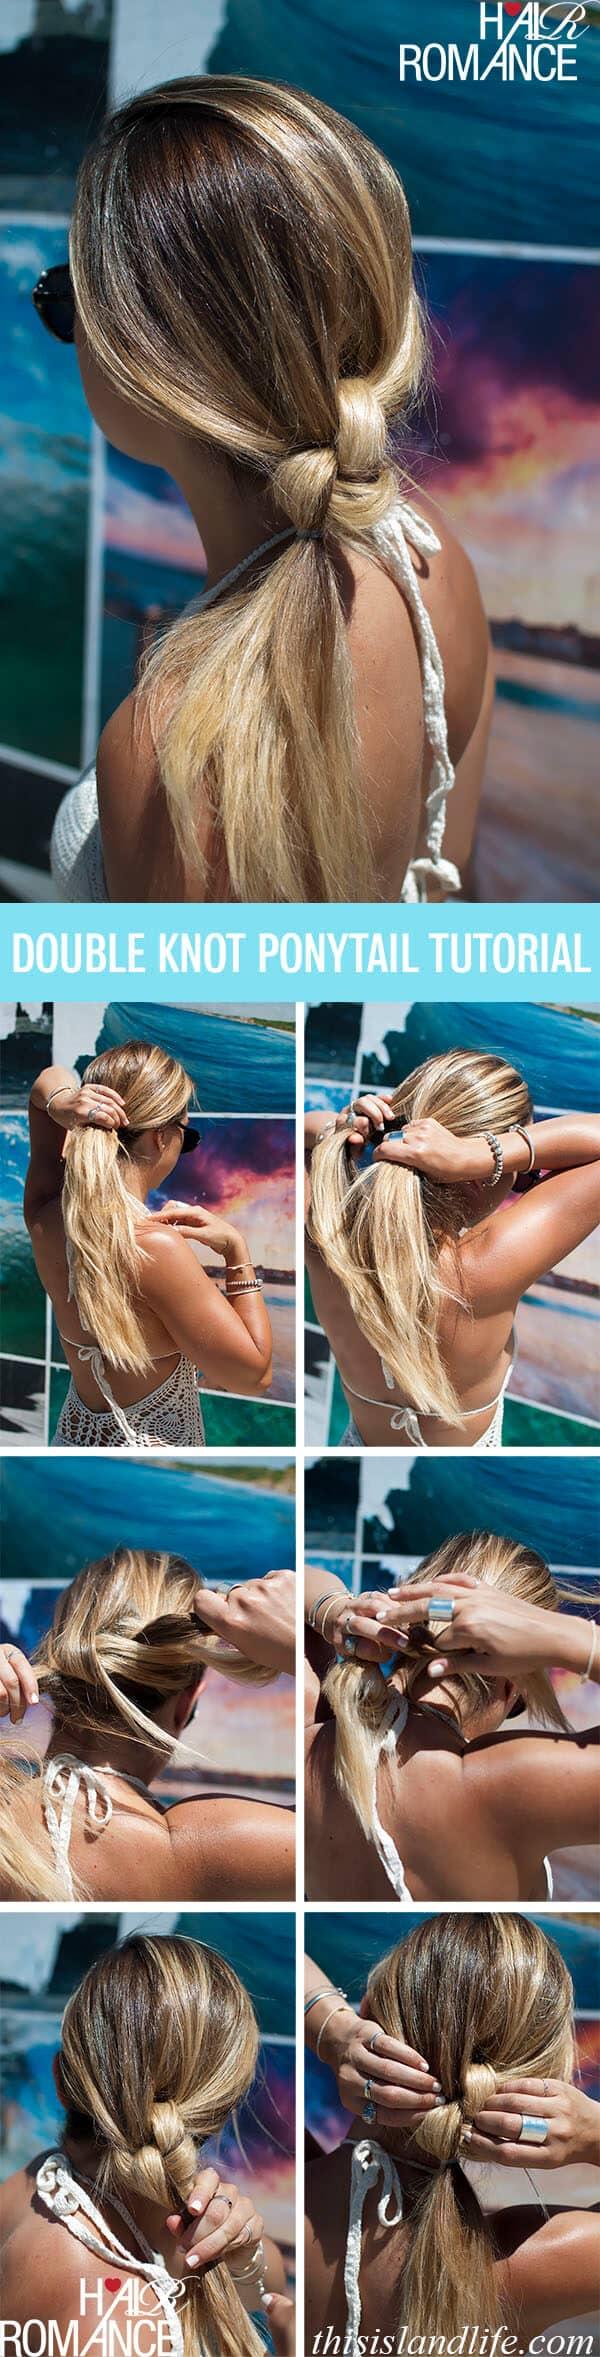 Unique Double Knot Ponytail Idea